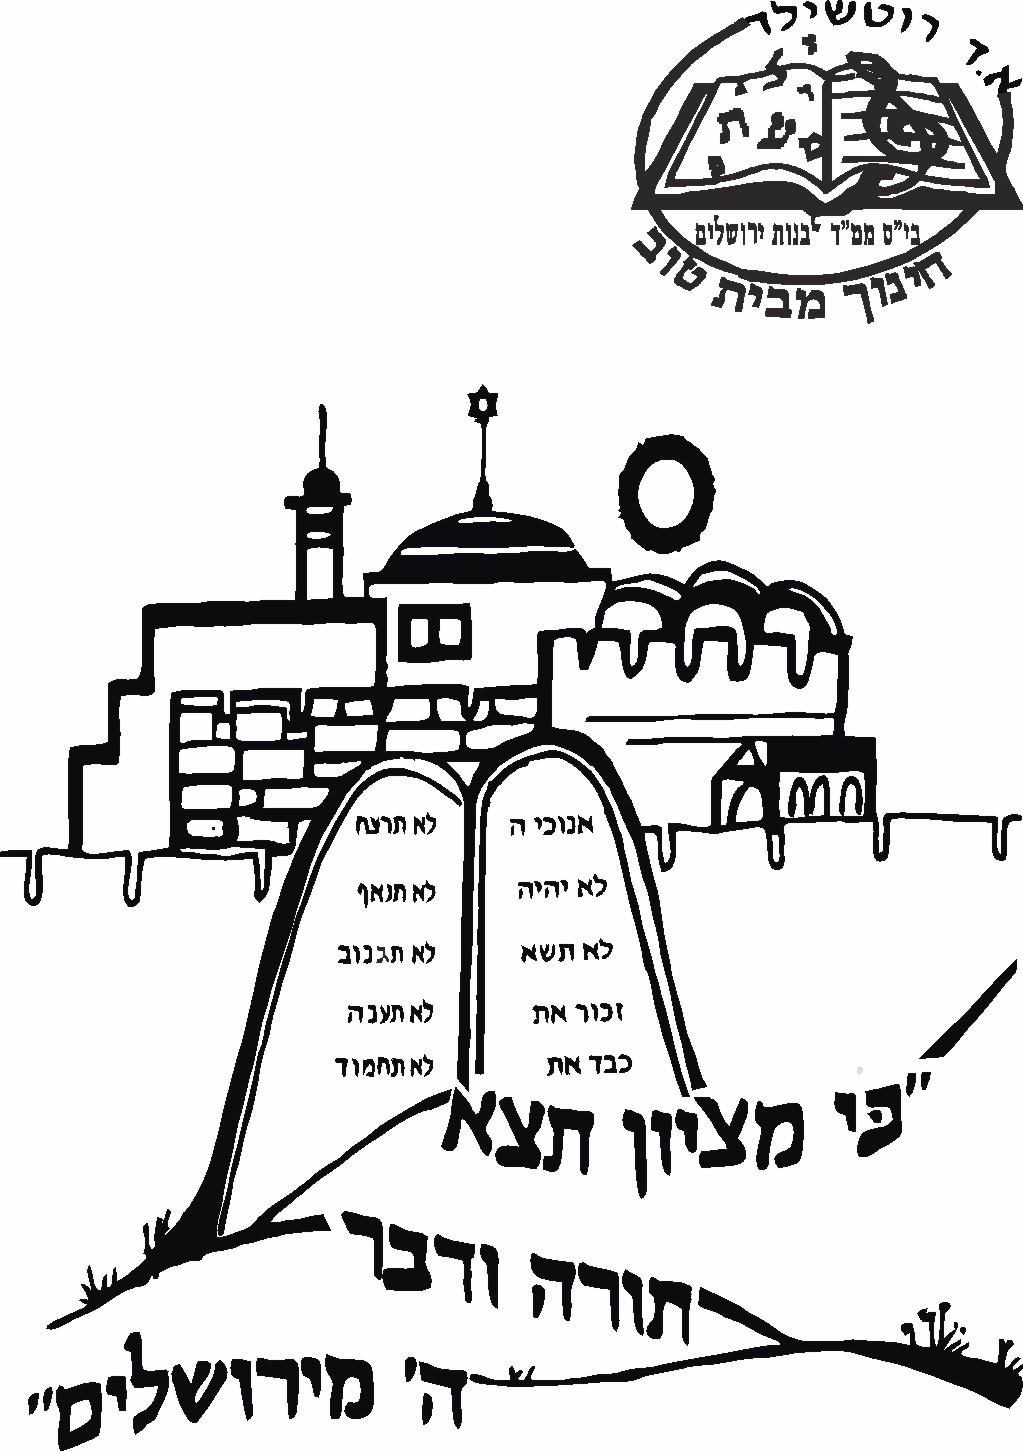 עטיפות לחומש בראשית בית ספר א.ד.רוטשילד-ירושלים